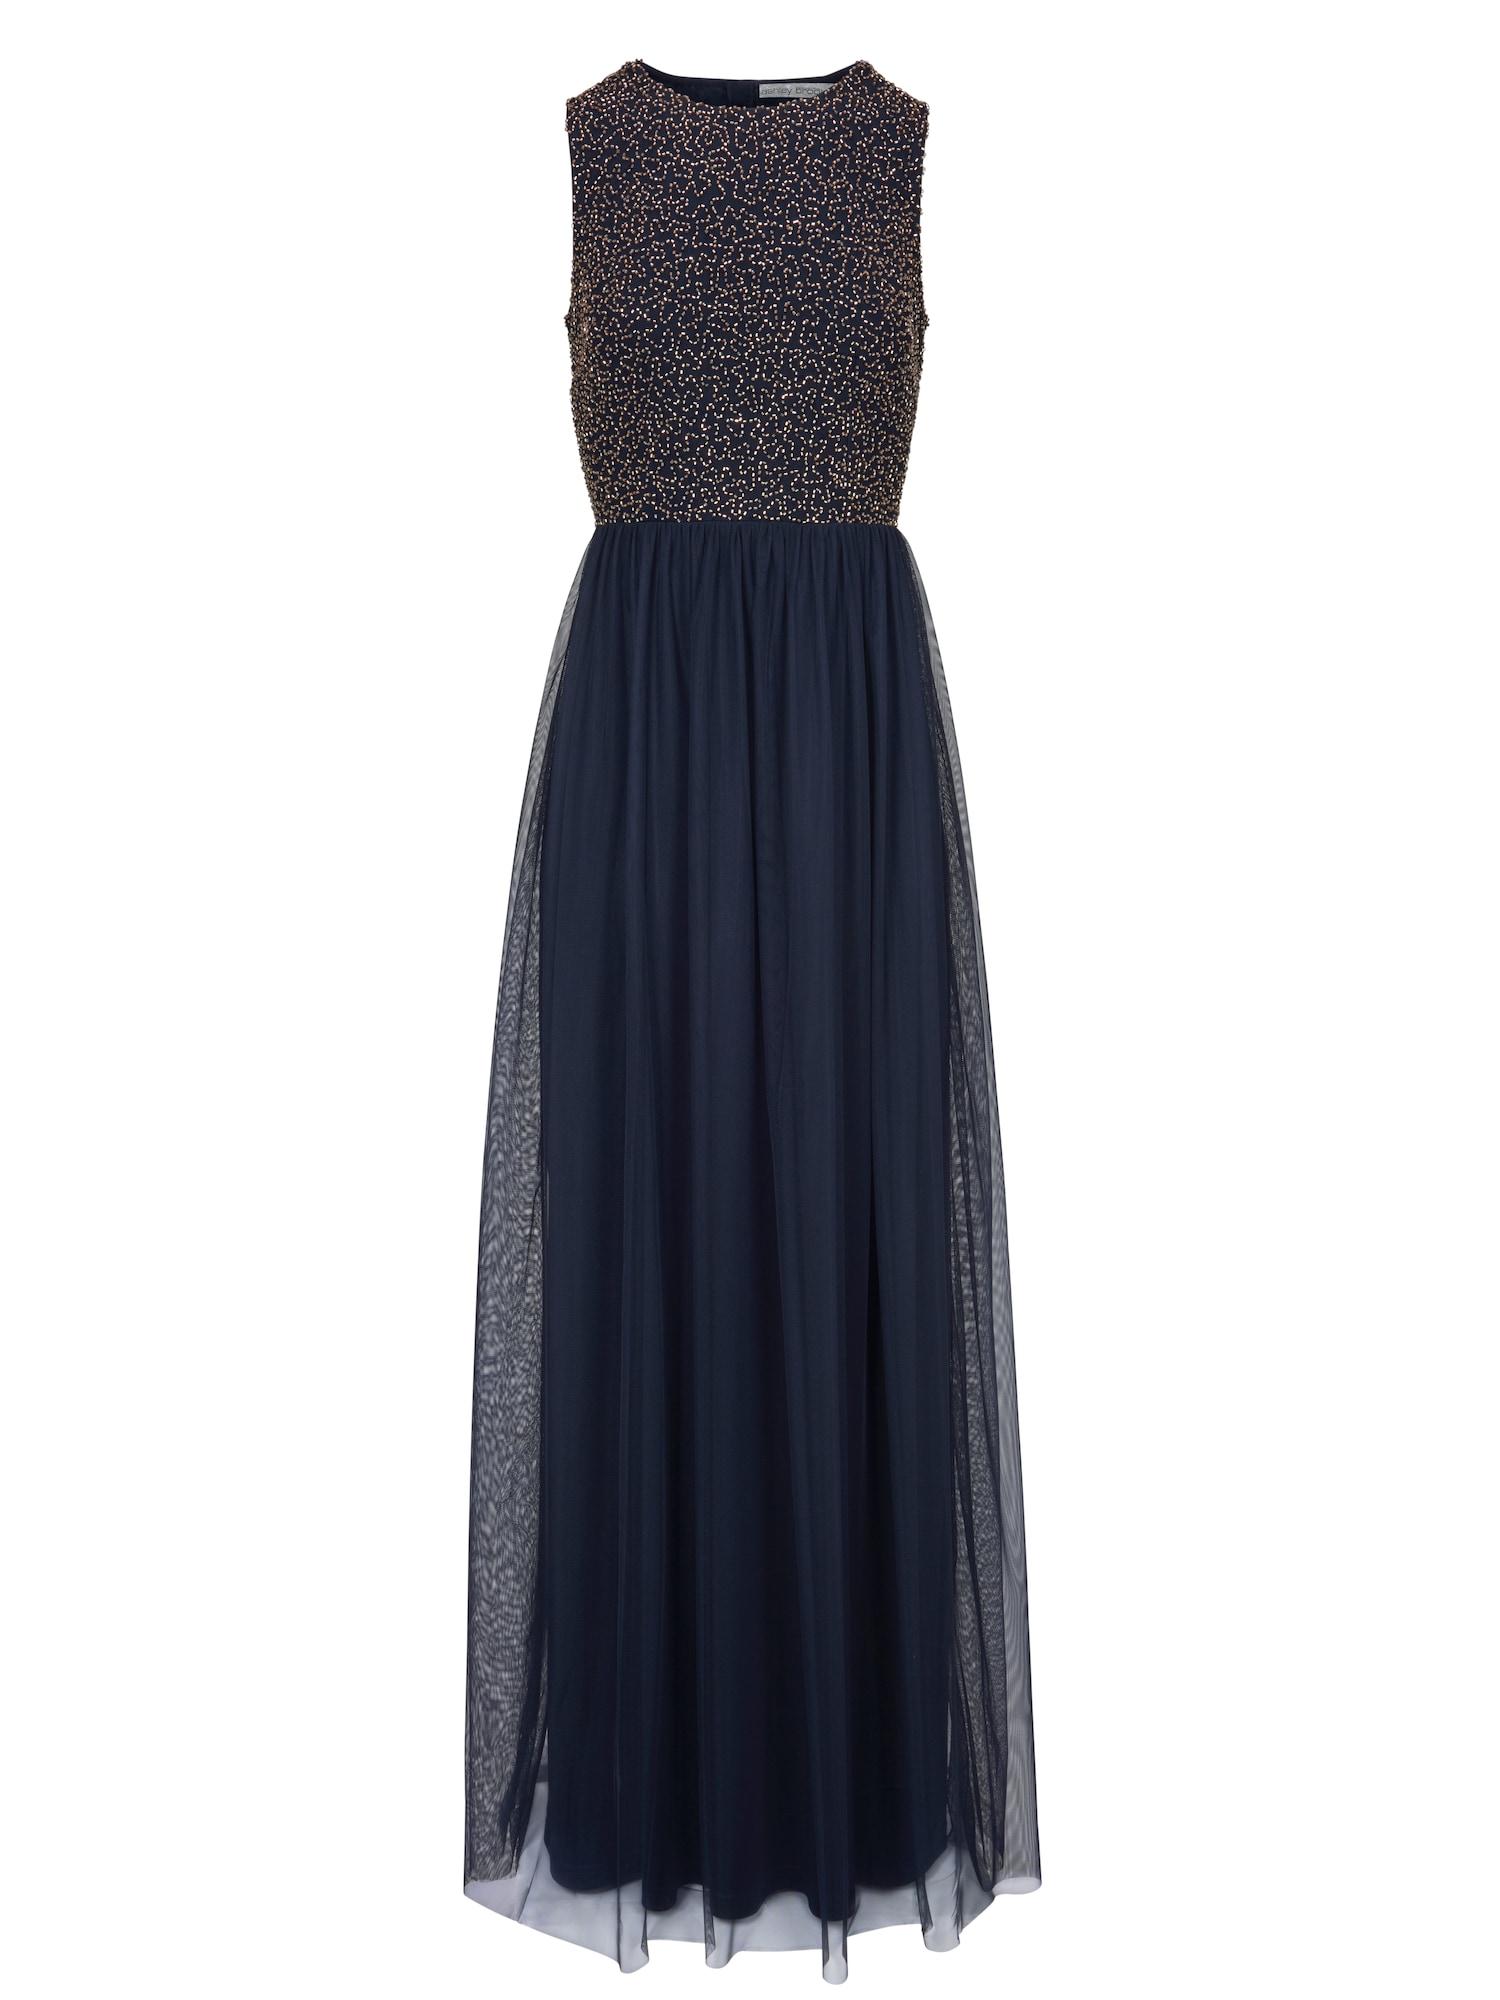 Abendkleid | Bekleidung > Kleider > Abendkleider | heine